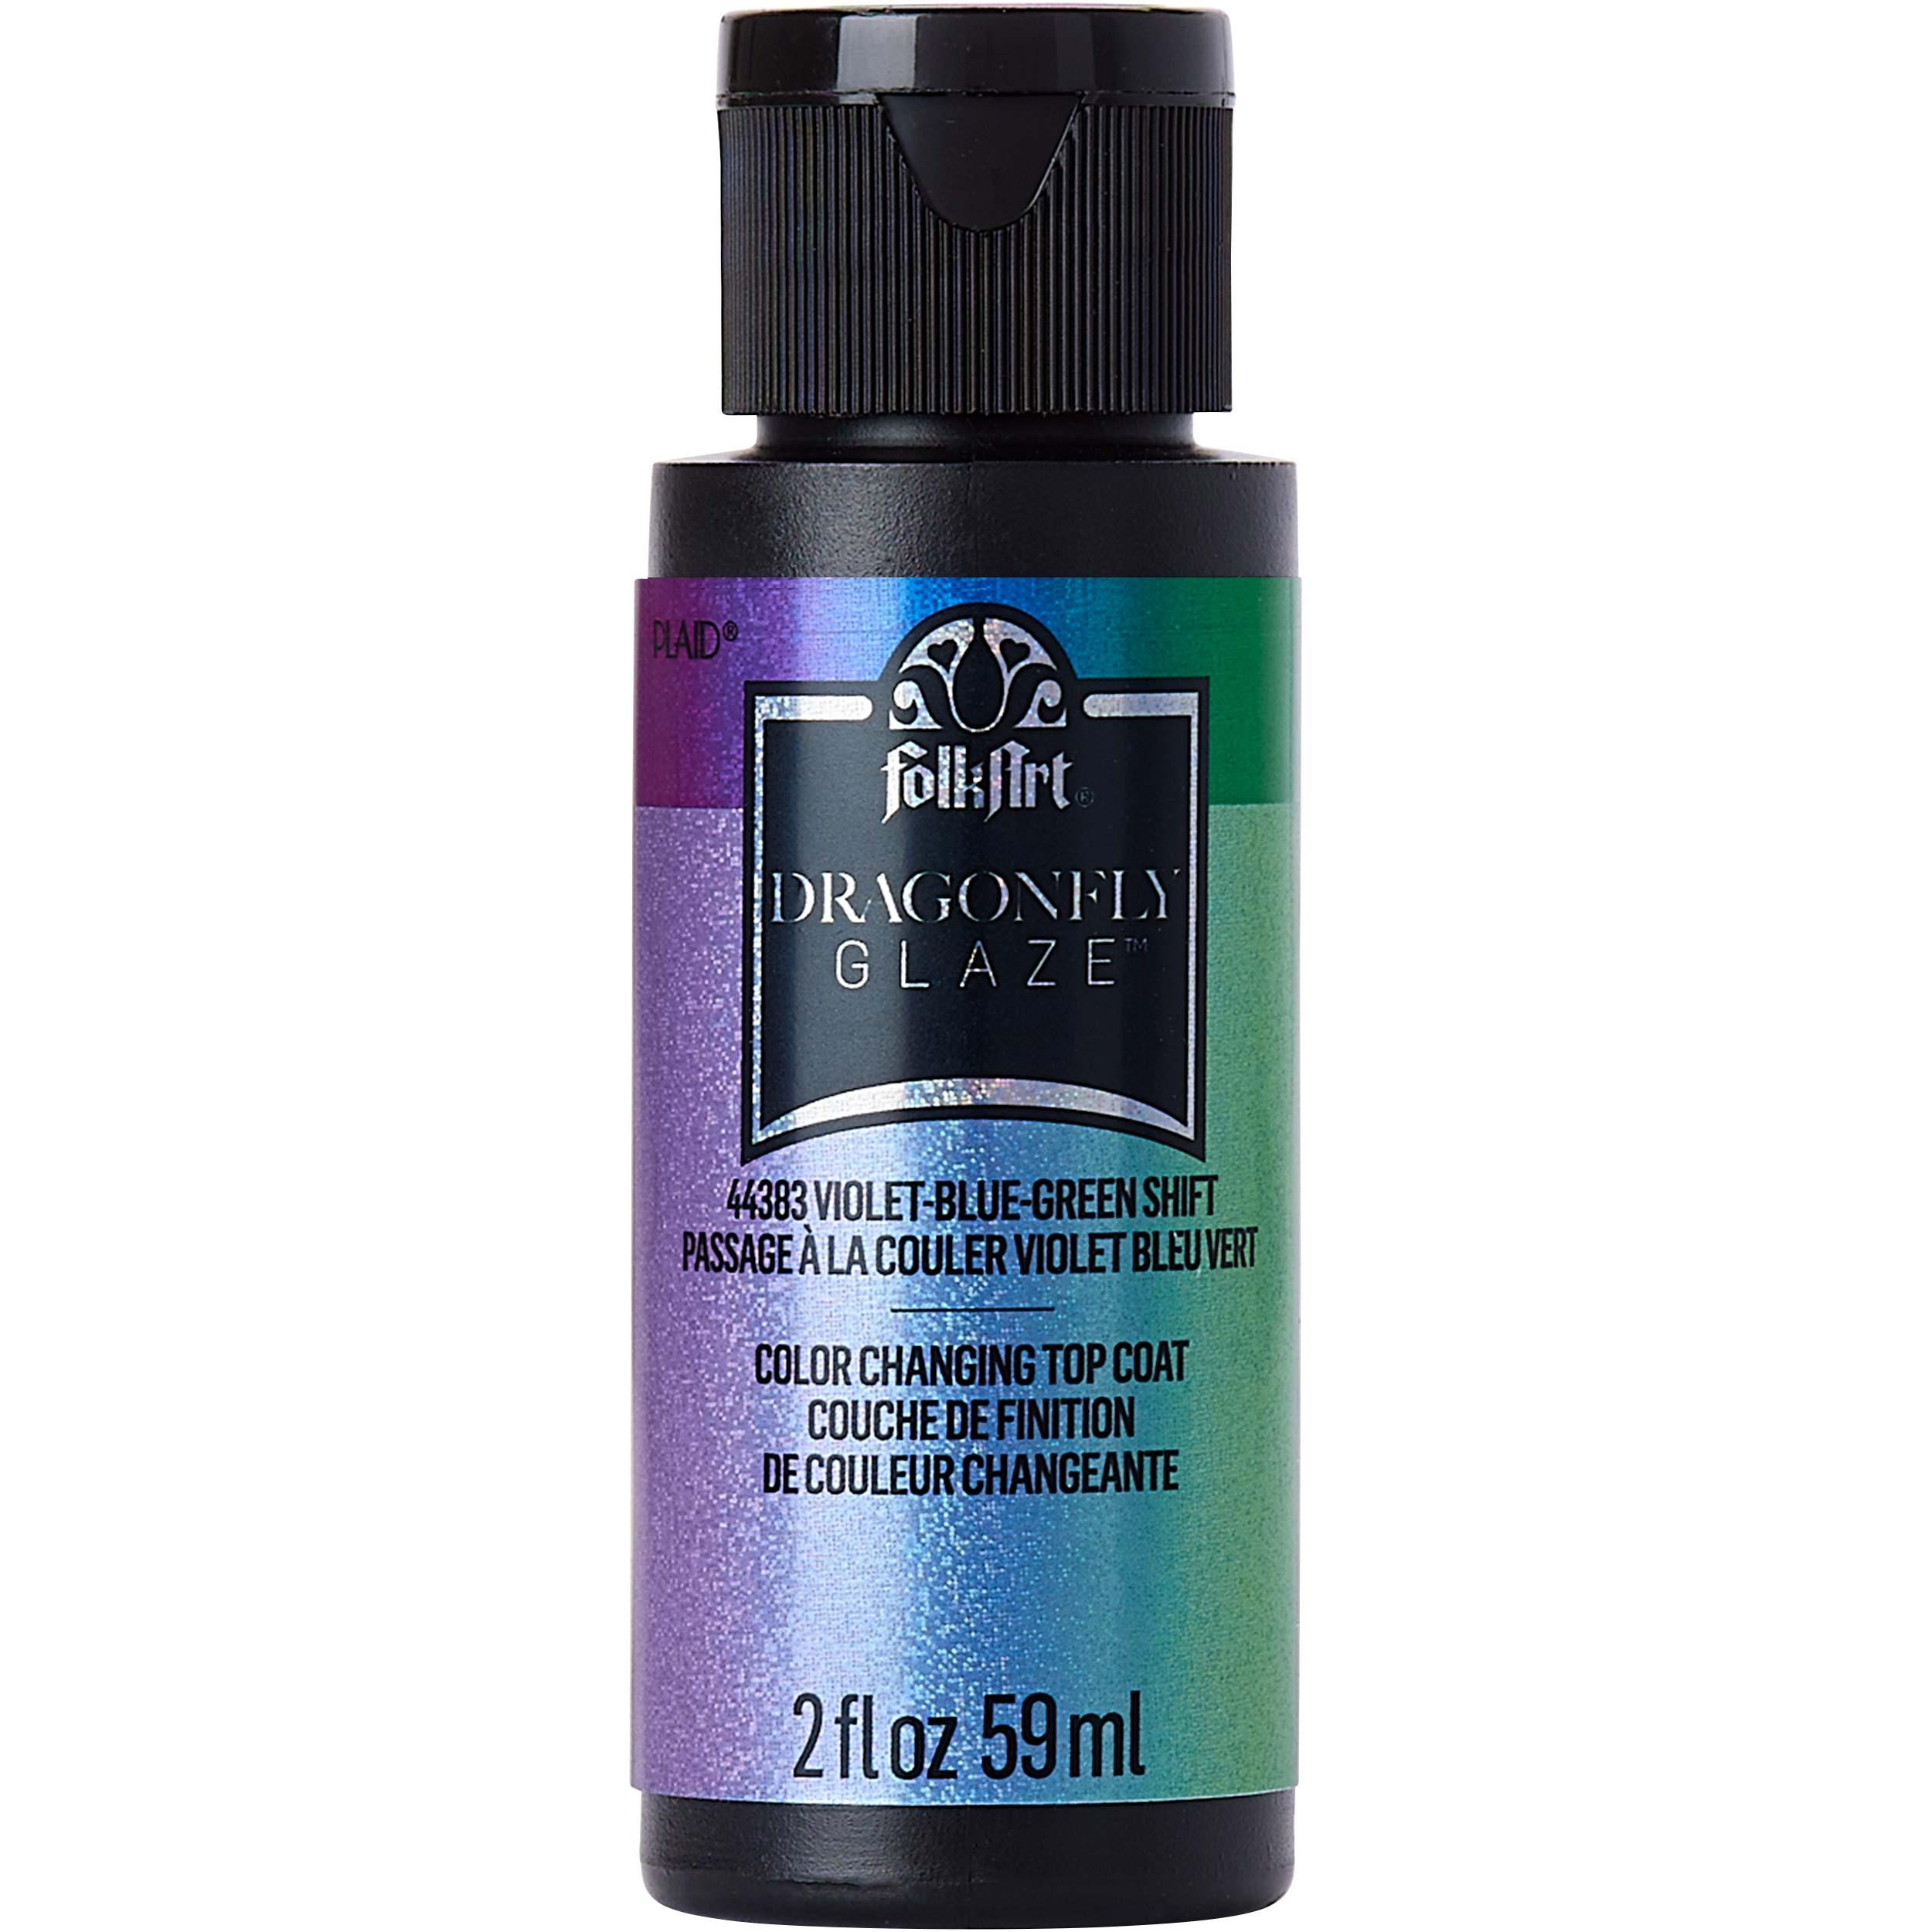 FolkArt ® Dragonfly Glaze™ - Violet-Blue-Green, 2 oz.